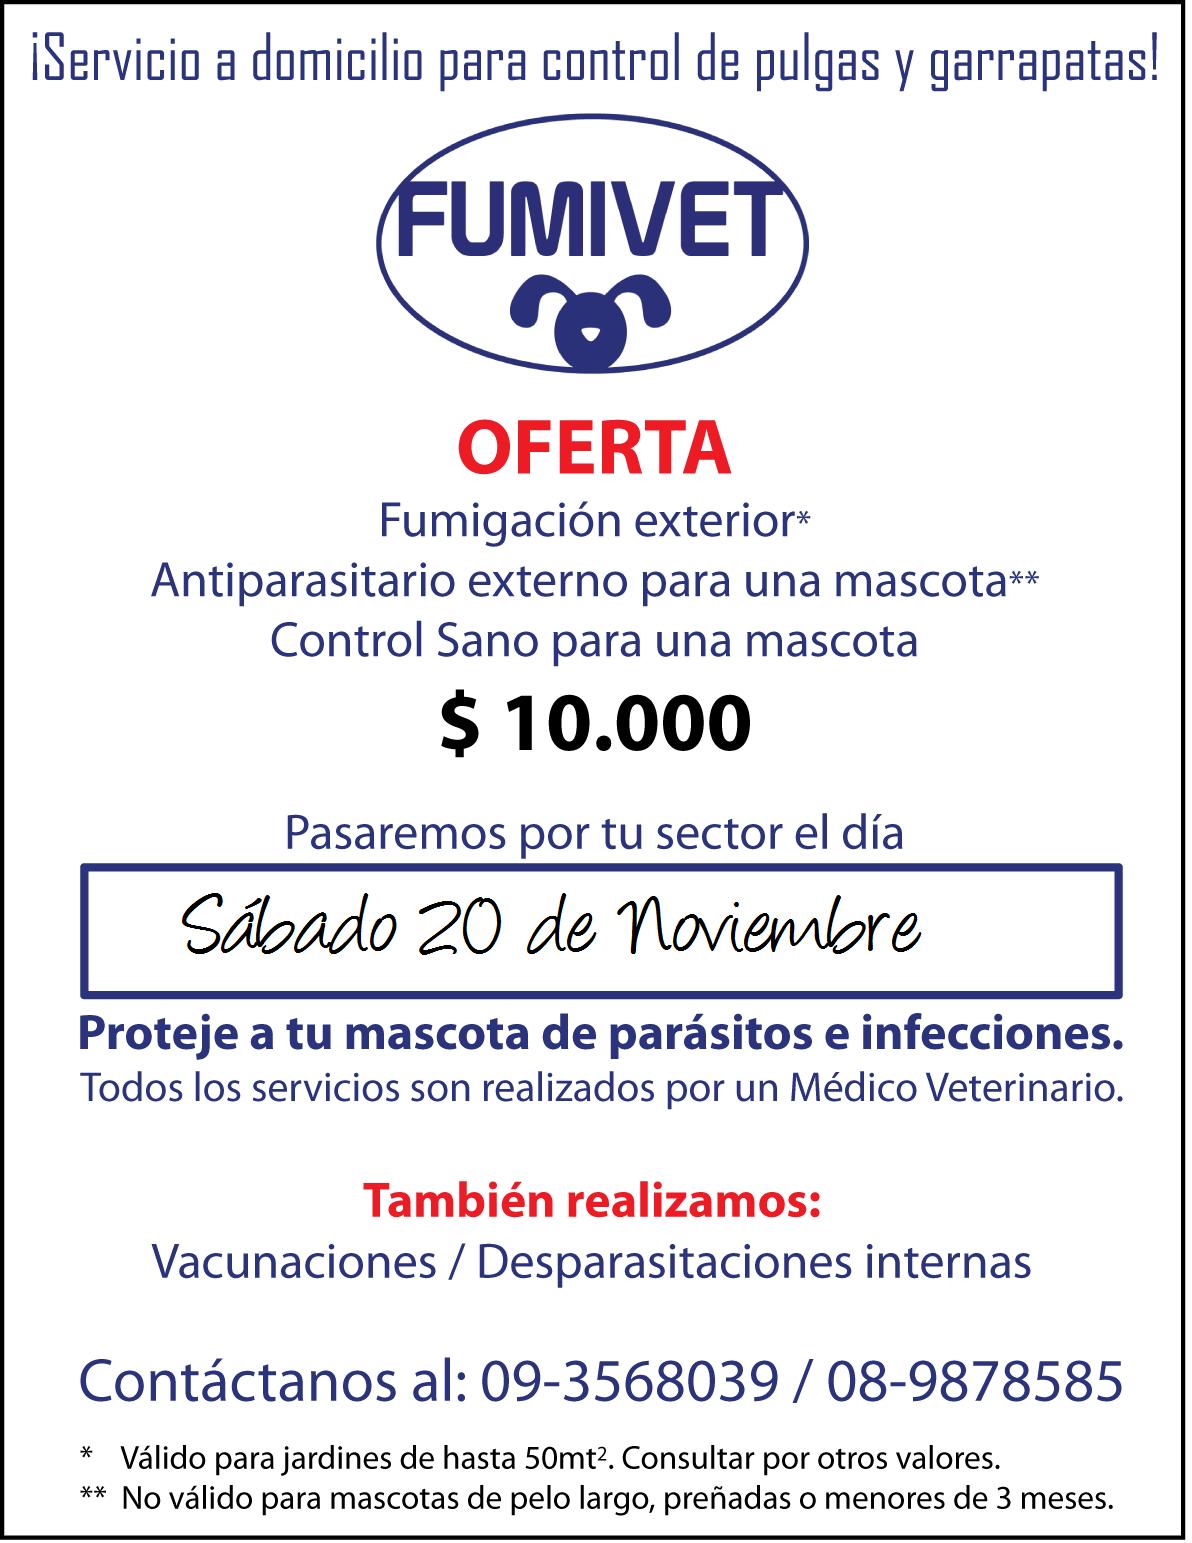 precios servicios veterinarios: